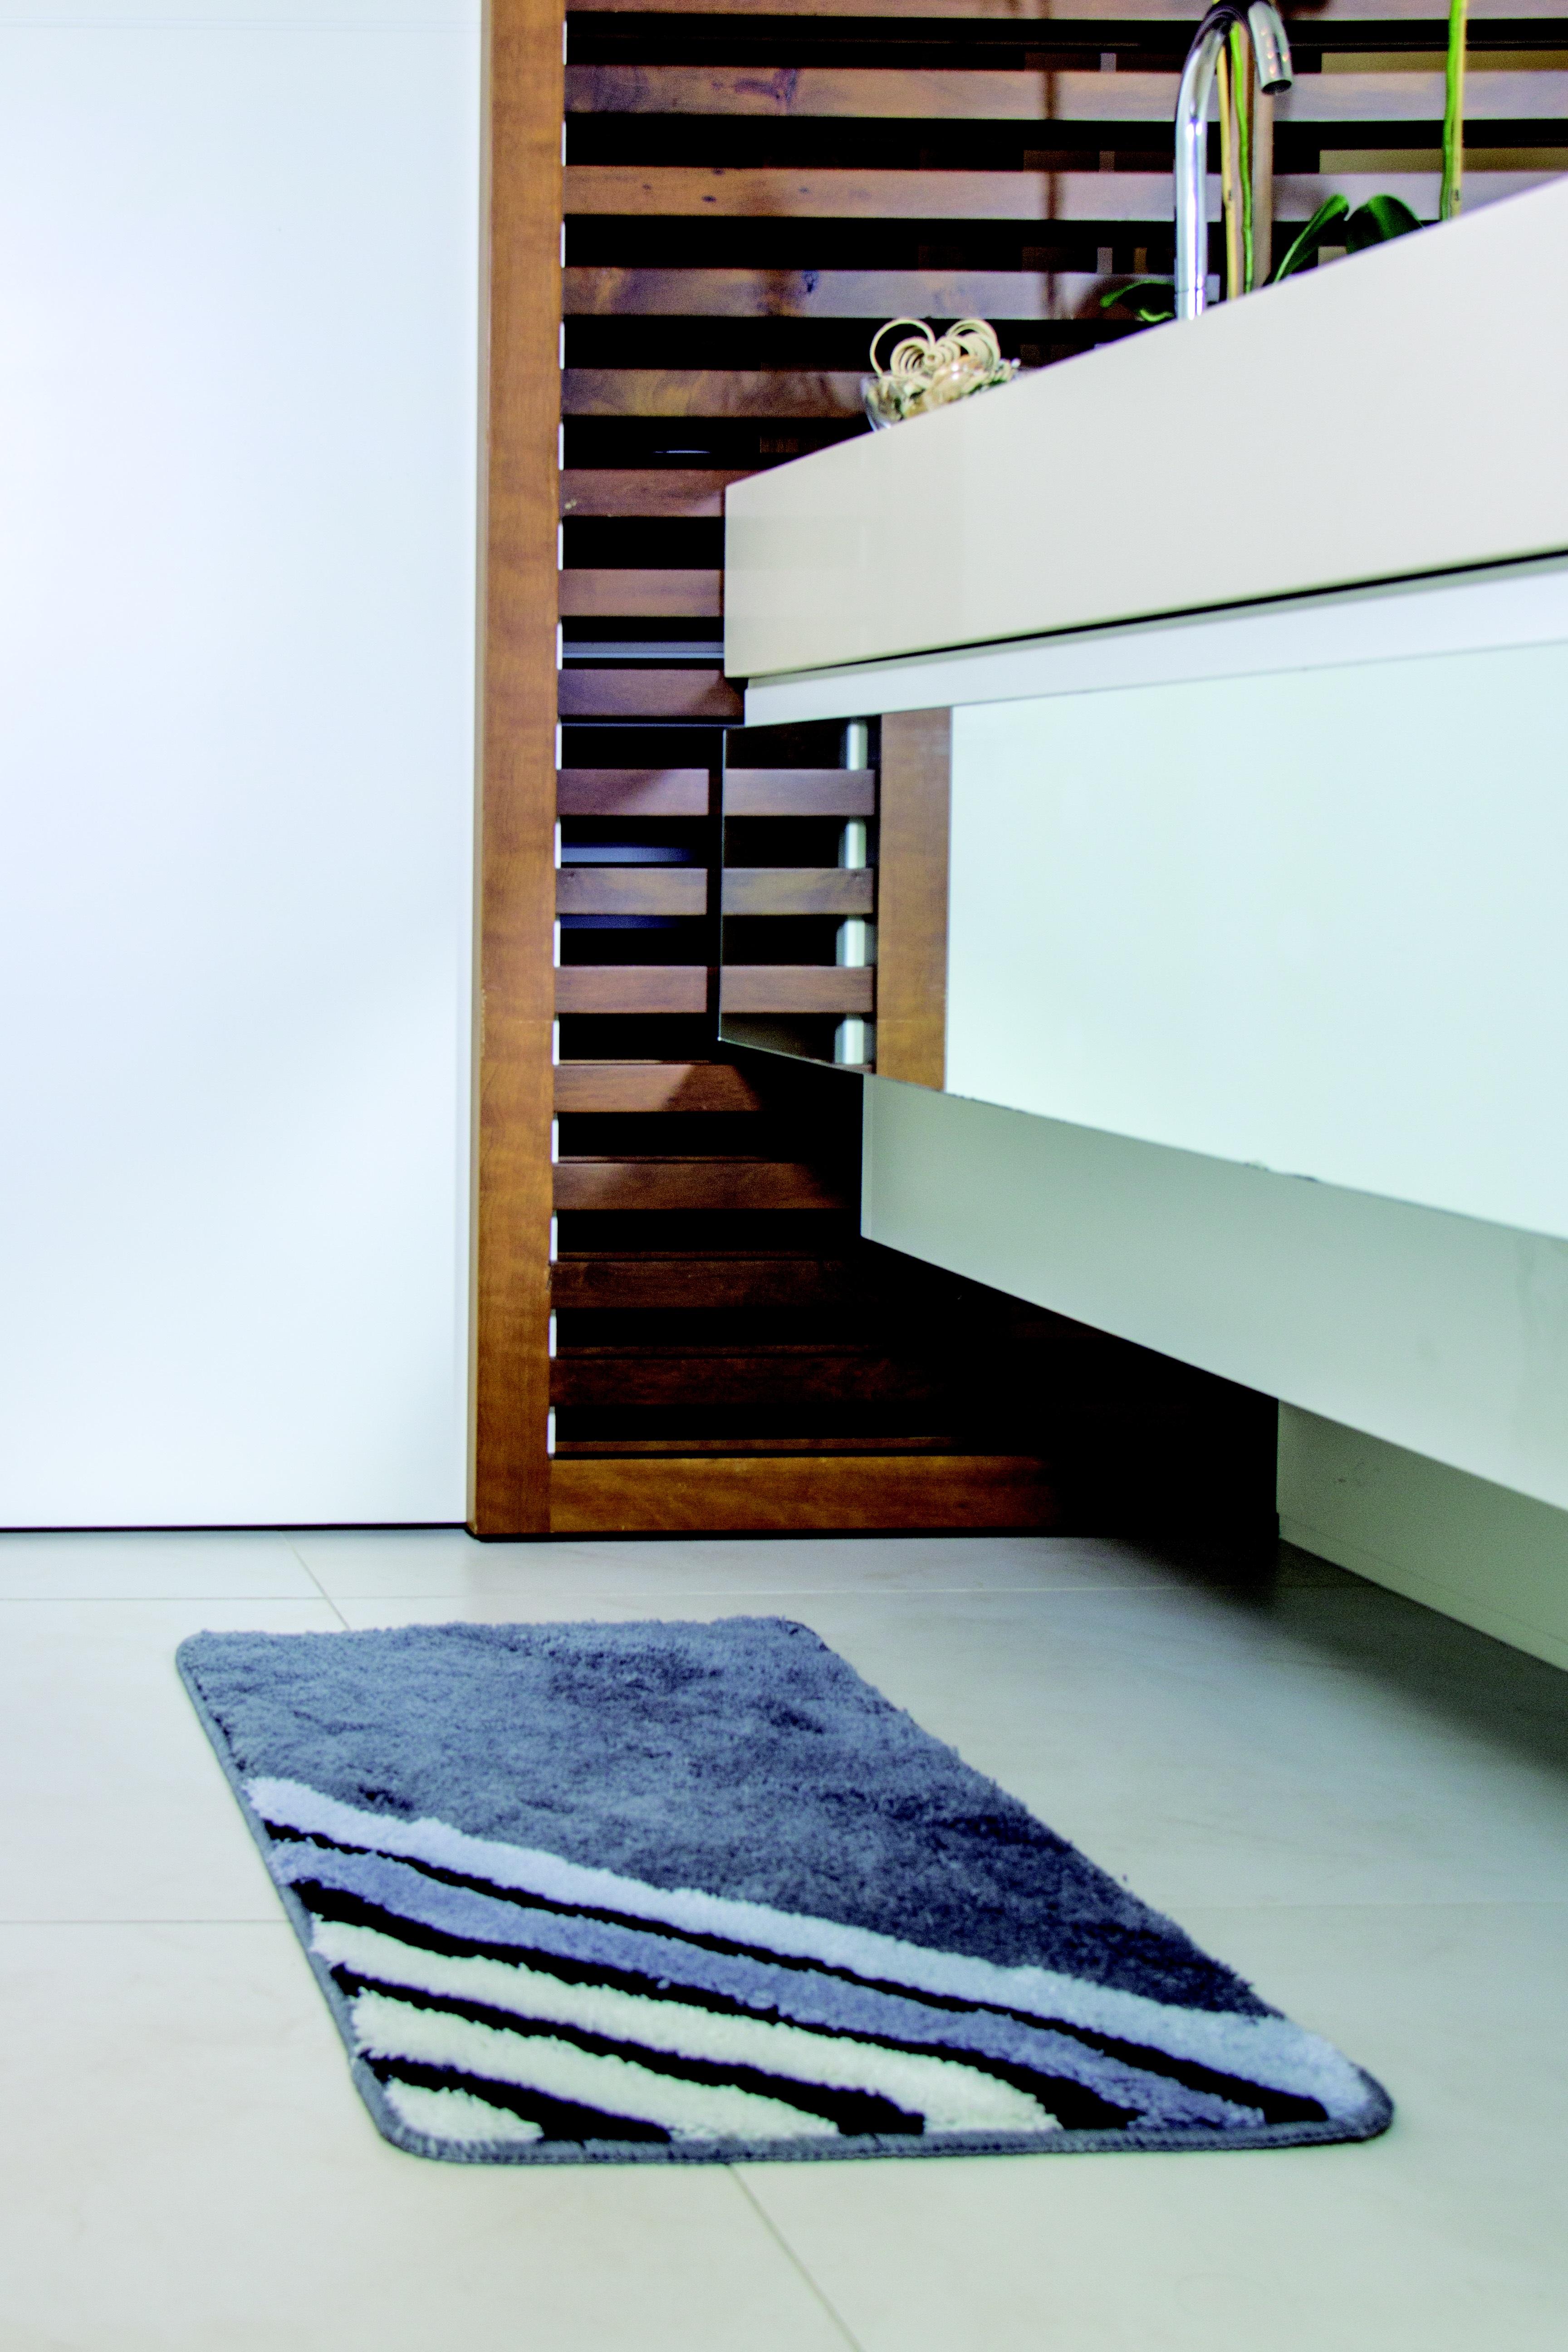 Fotos gratis mesa arquitectura madera casa piso - Diseno de interiores gratis ...